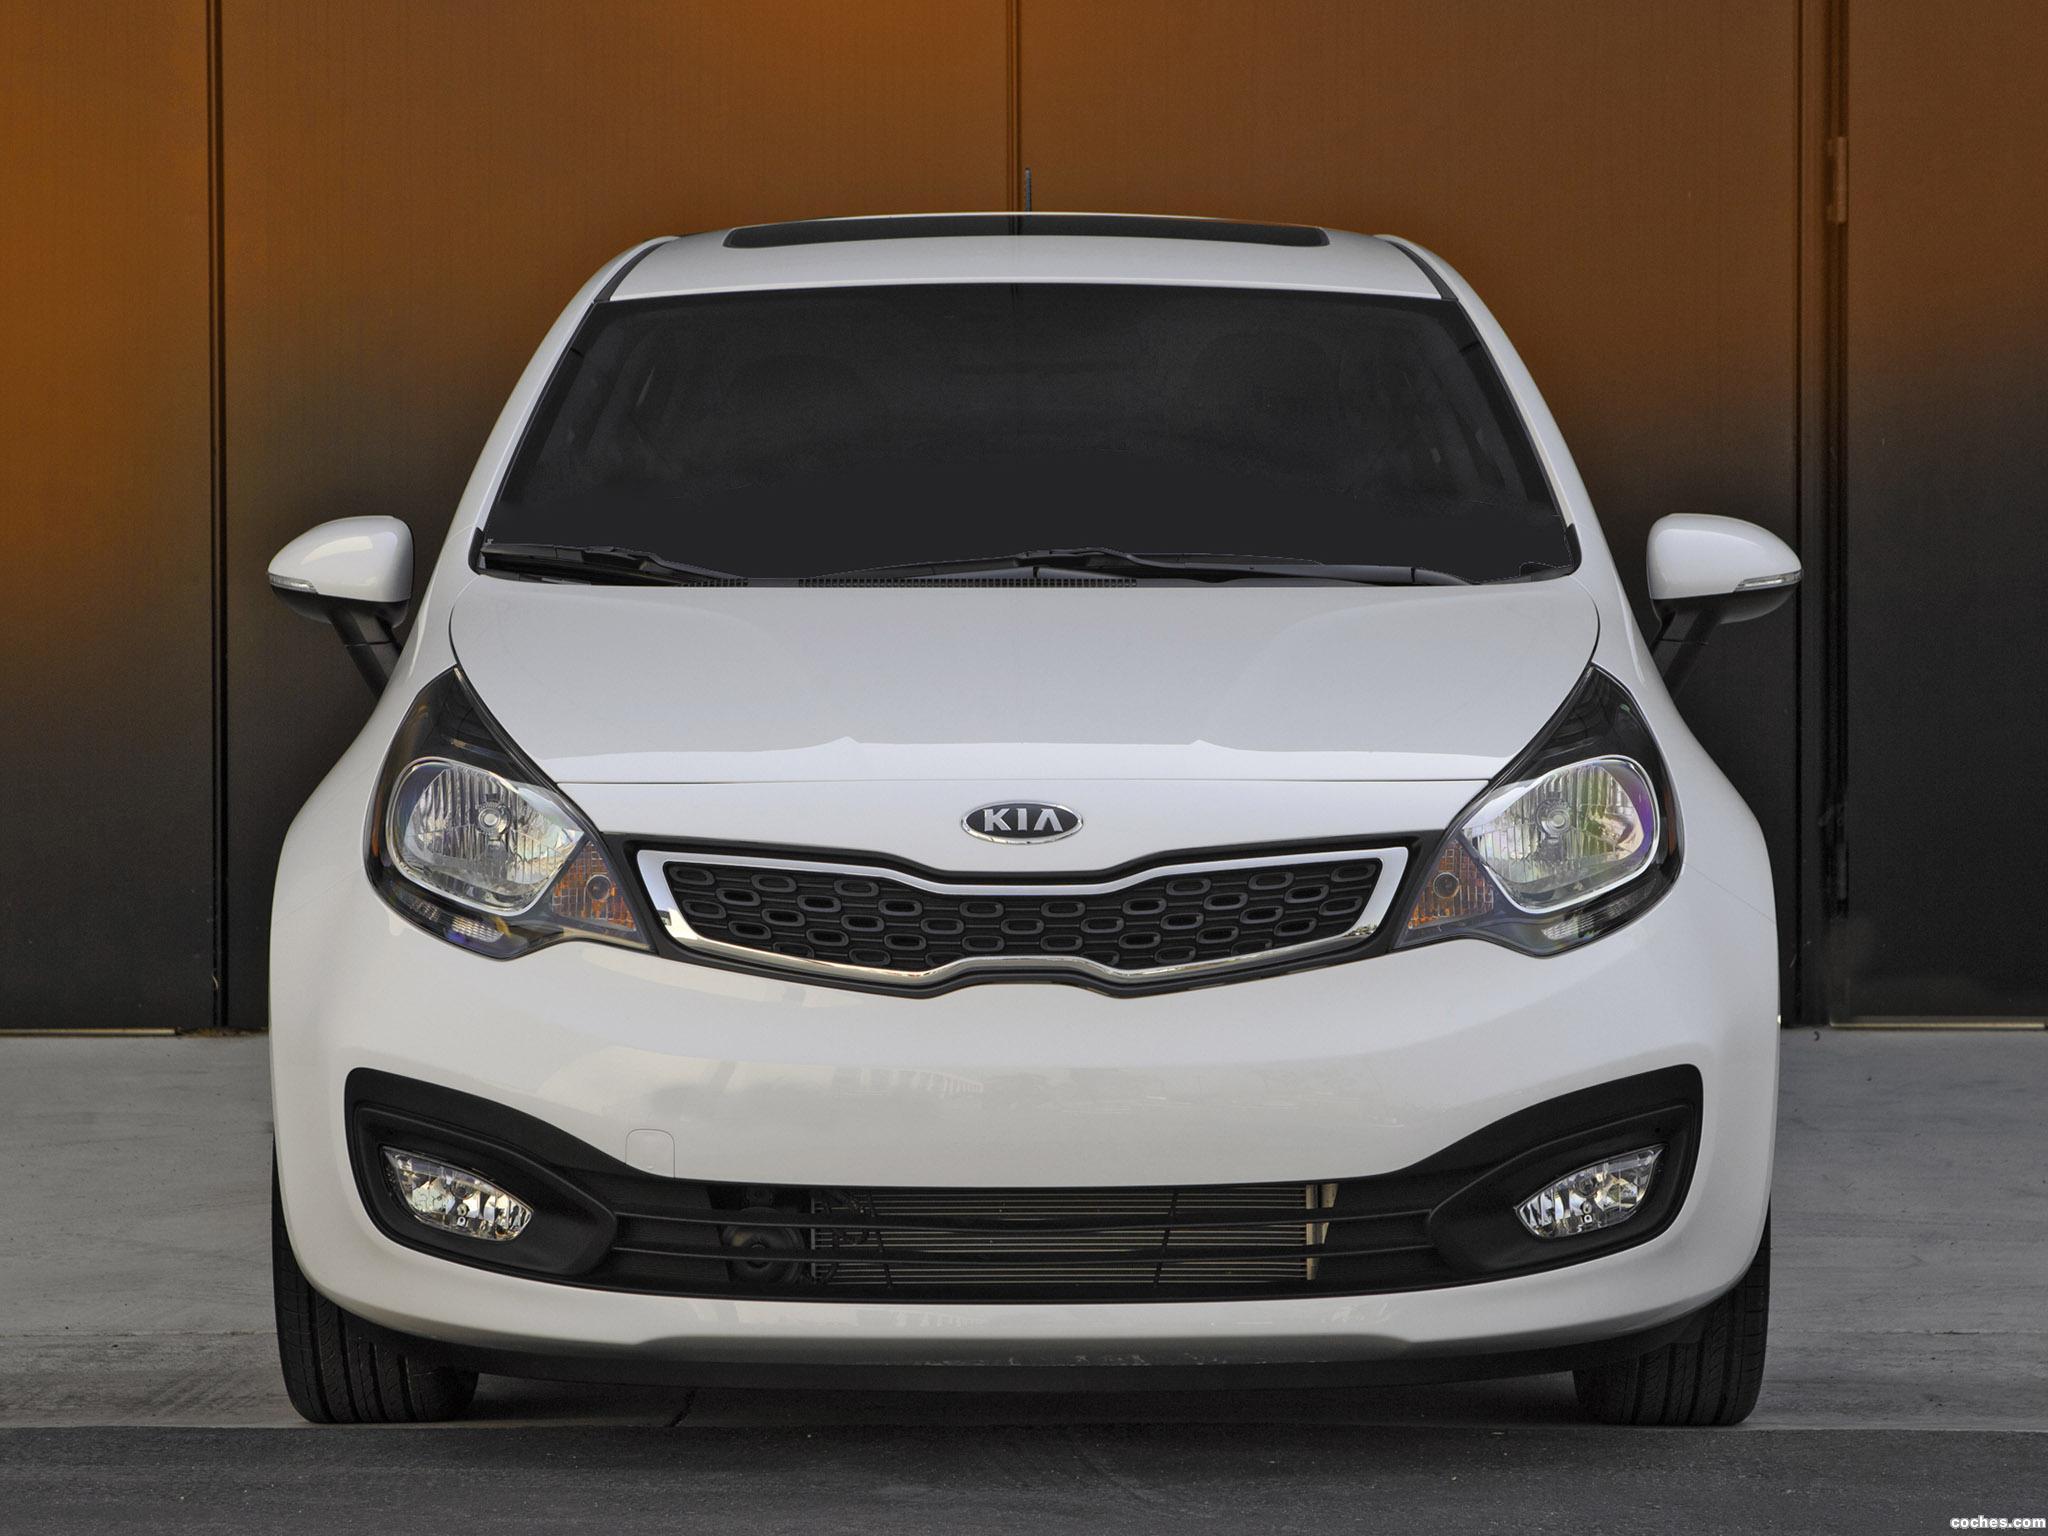 Foto 2 de Kia Rio Sedan USA 2011